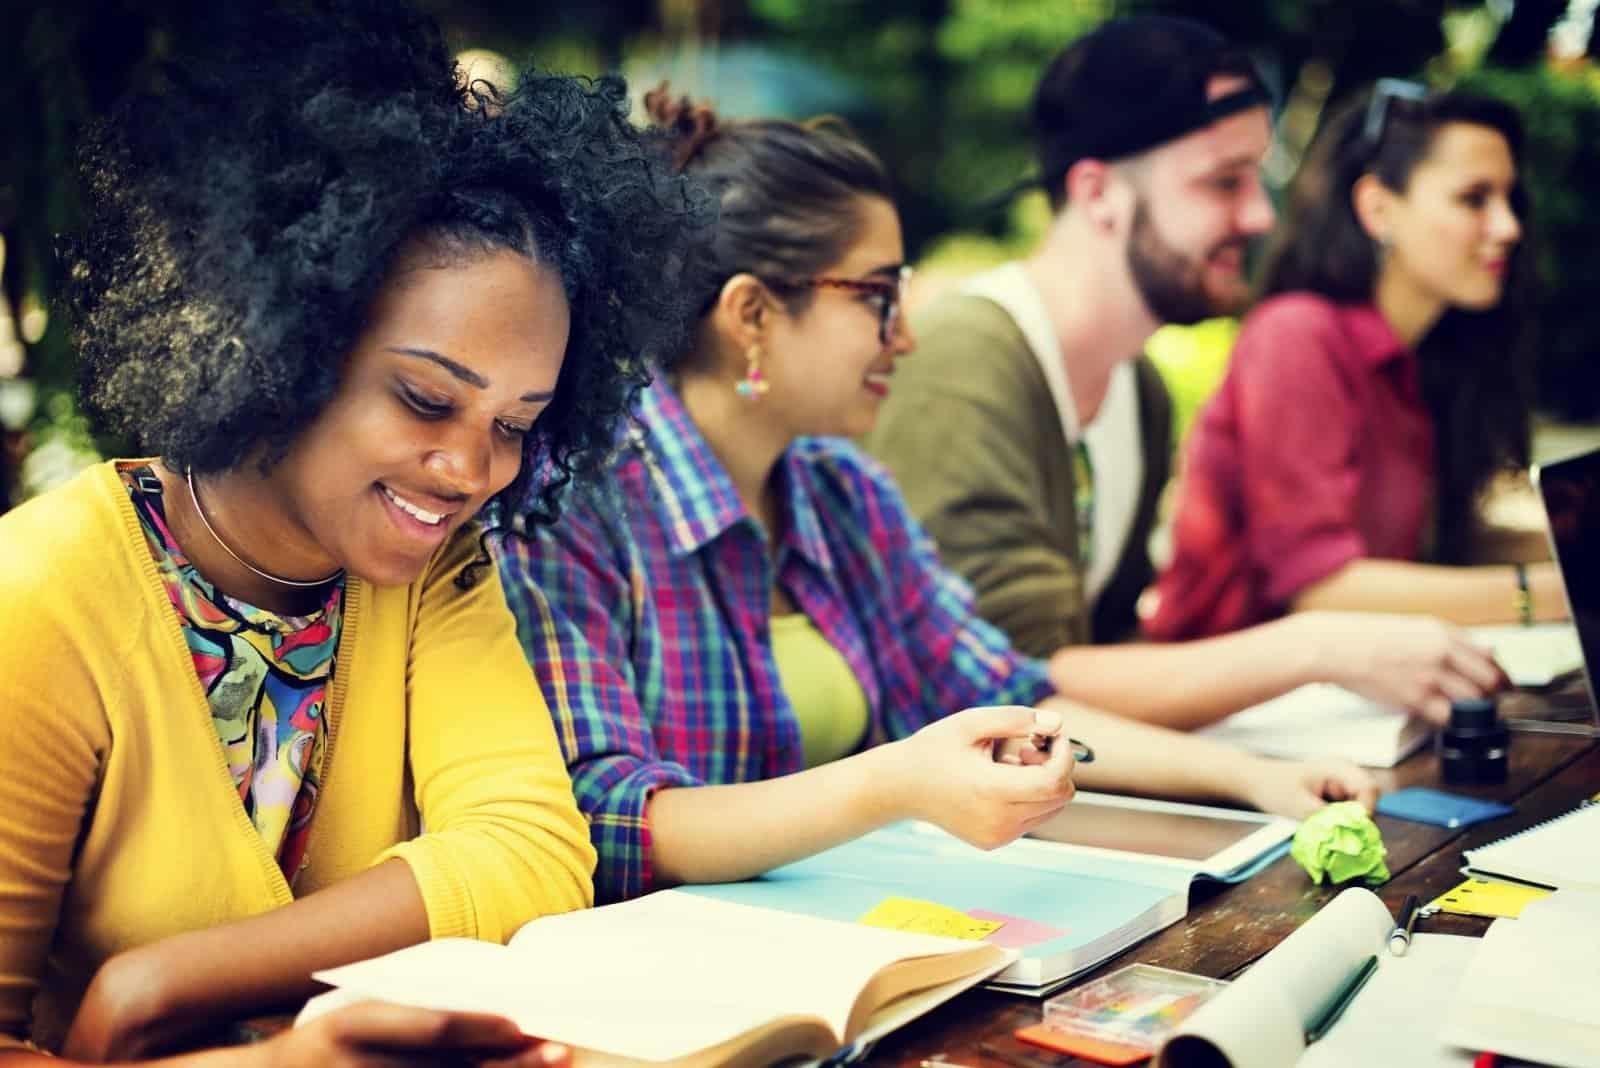 Lựa chọn các đầu sách học IELTS tốt sẽ tác động tích cực tới điểm số cuối cùng của bạn